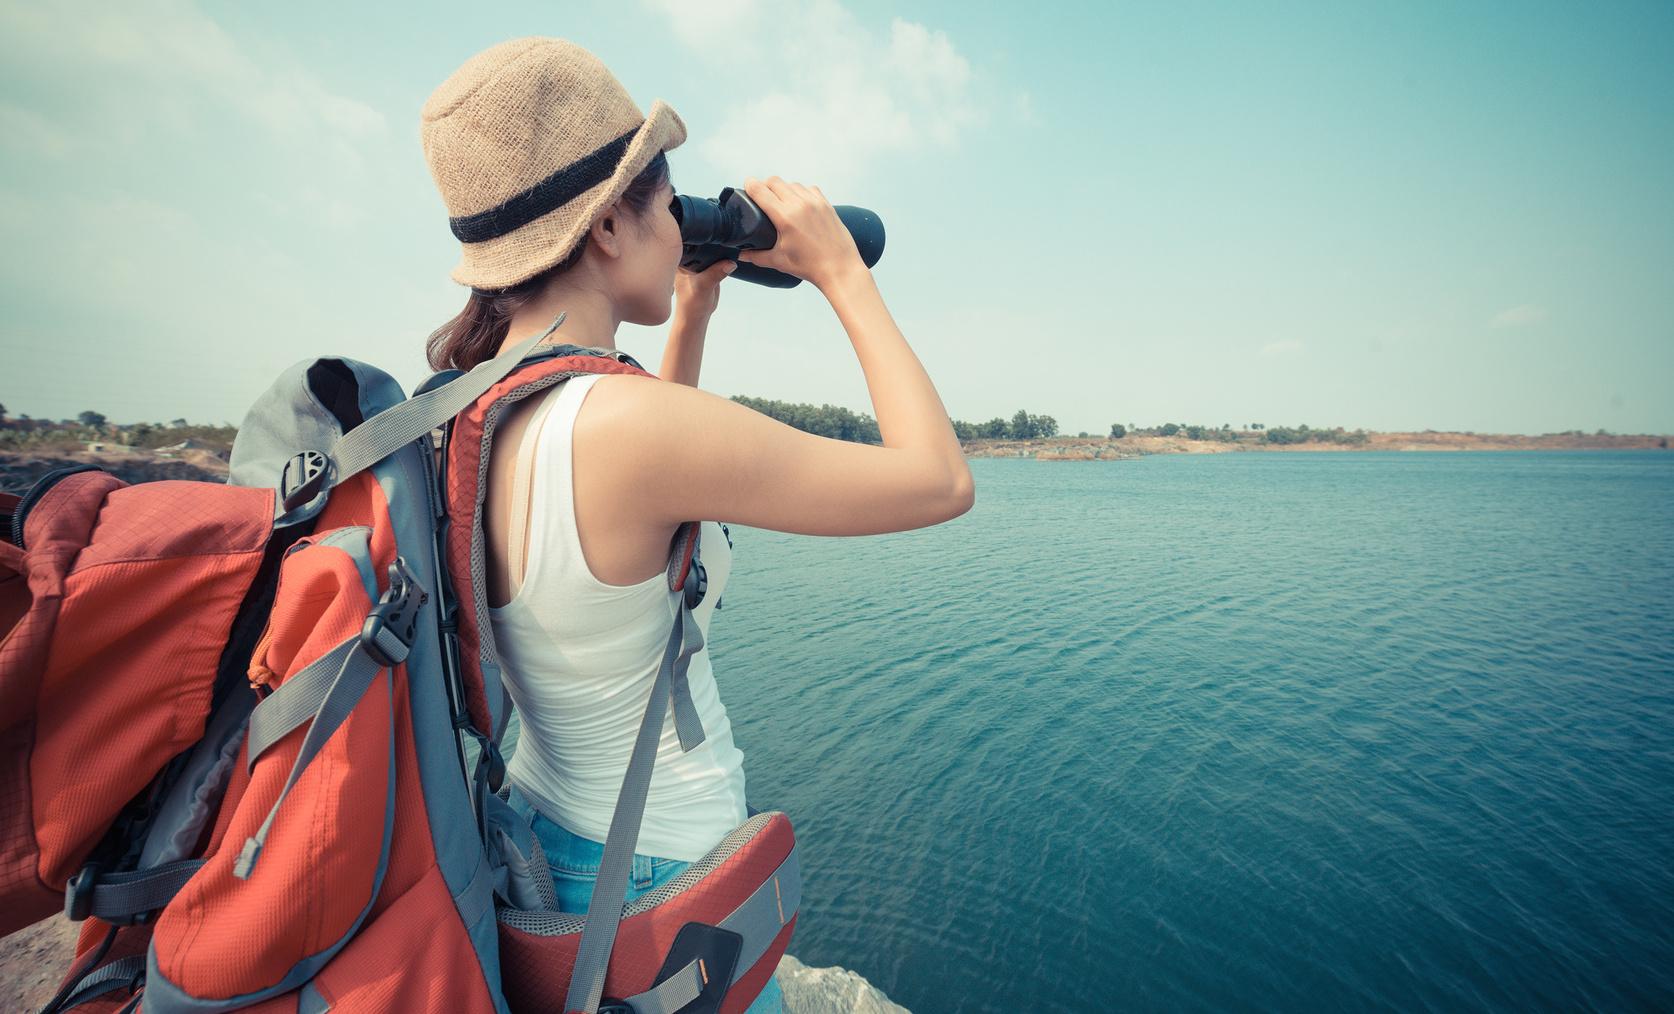 Как позаботиться о своей безопасности в путешествии: полезные советы. Интернет в Европе.